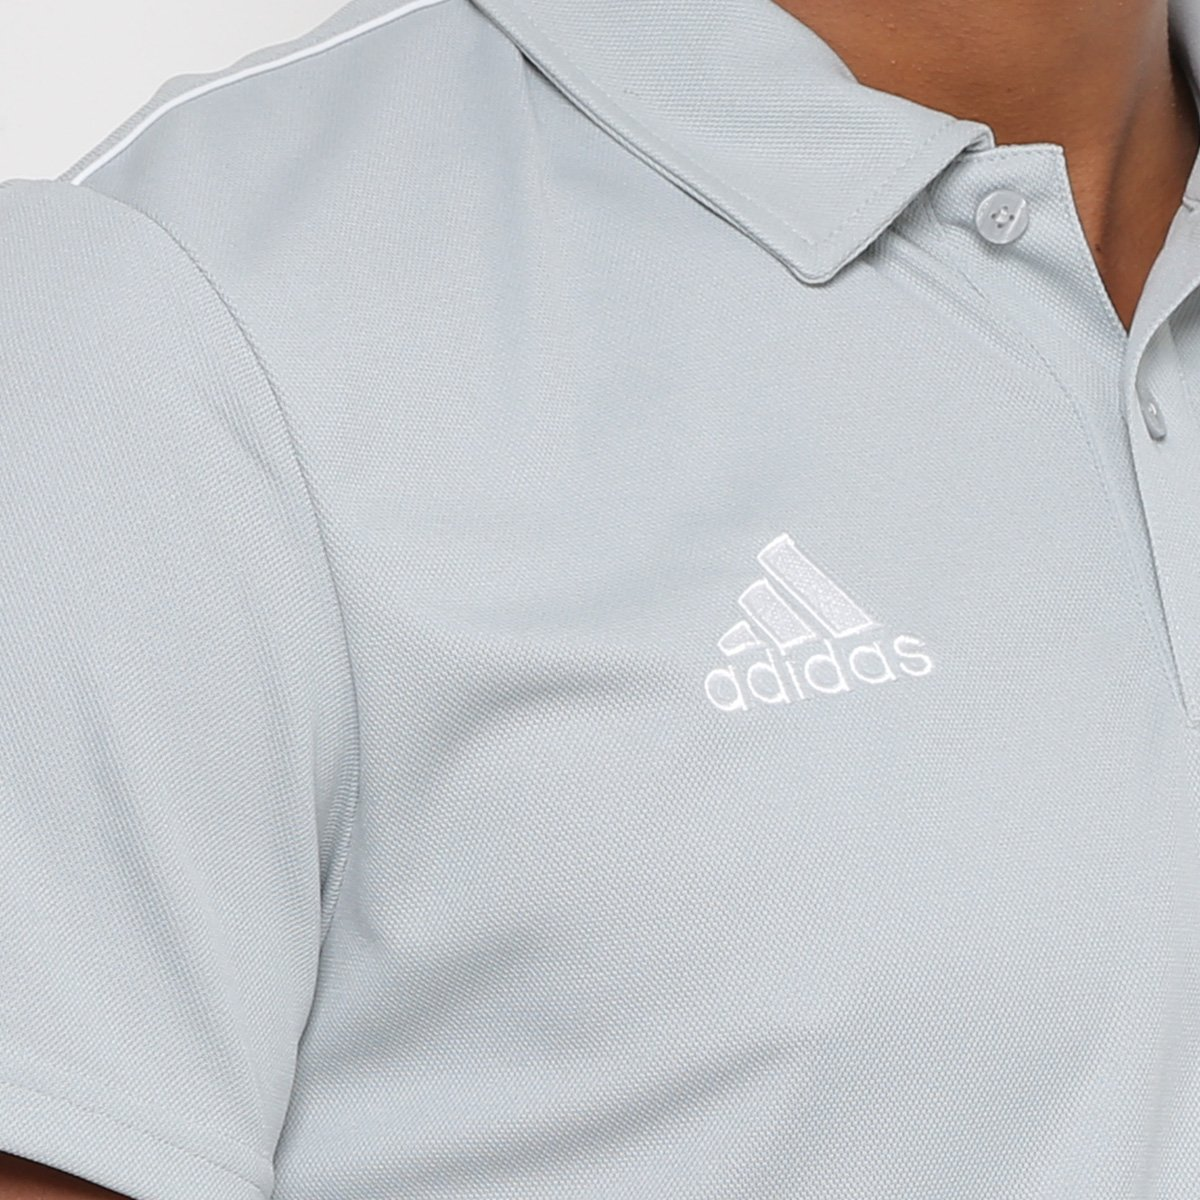 ... Camisa Polo Adidas Core 18 Masculina - Compre Agora Allianz Parque ...  a36a318474faf5 ... 64561a023dff3